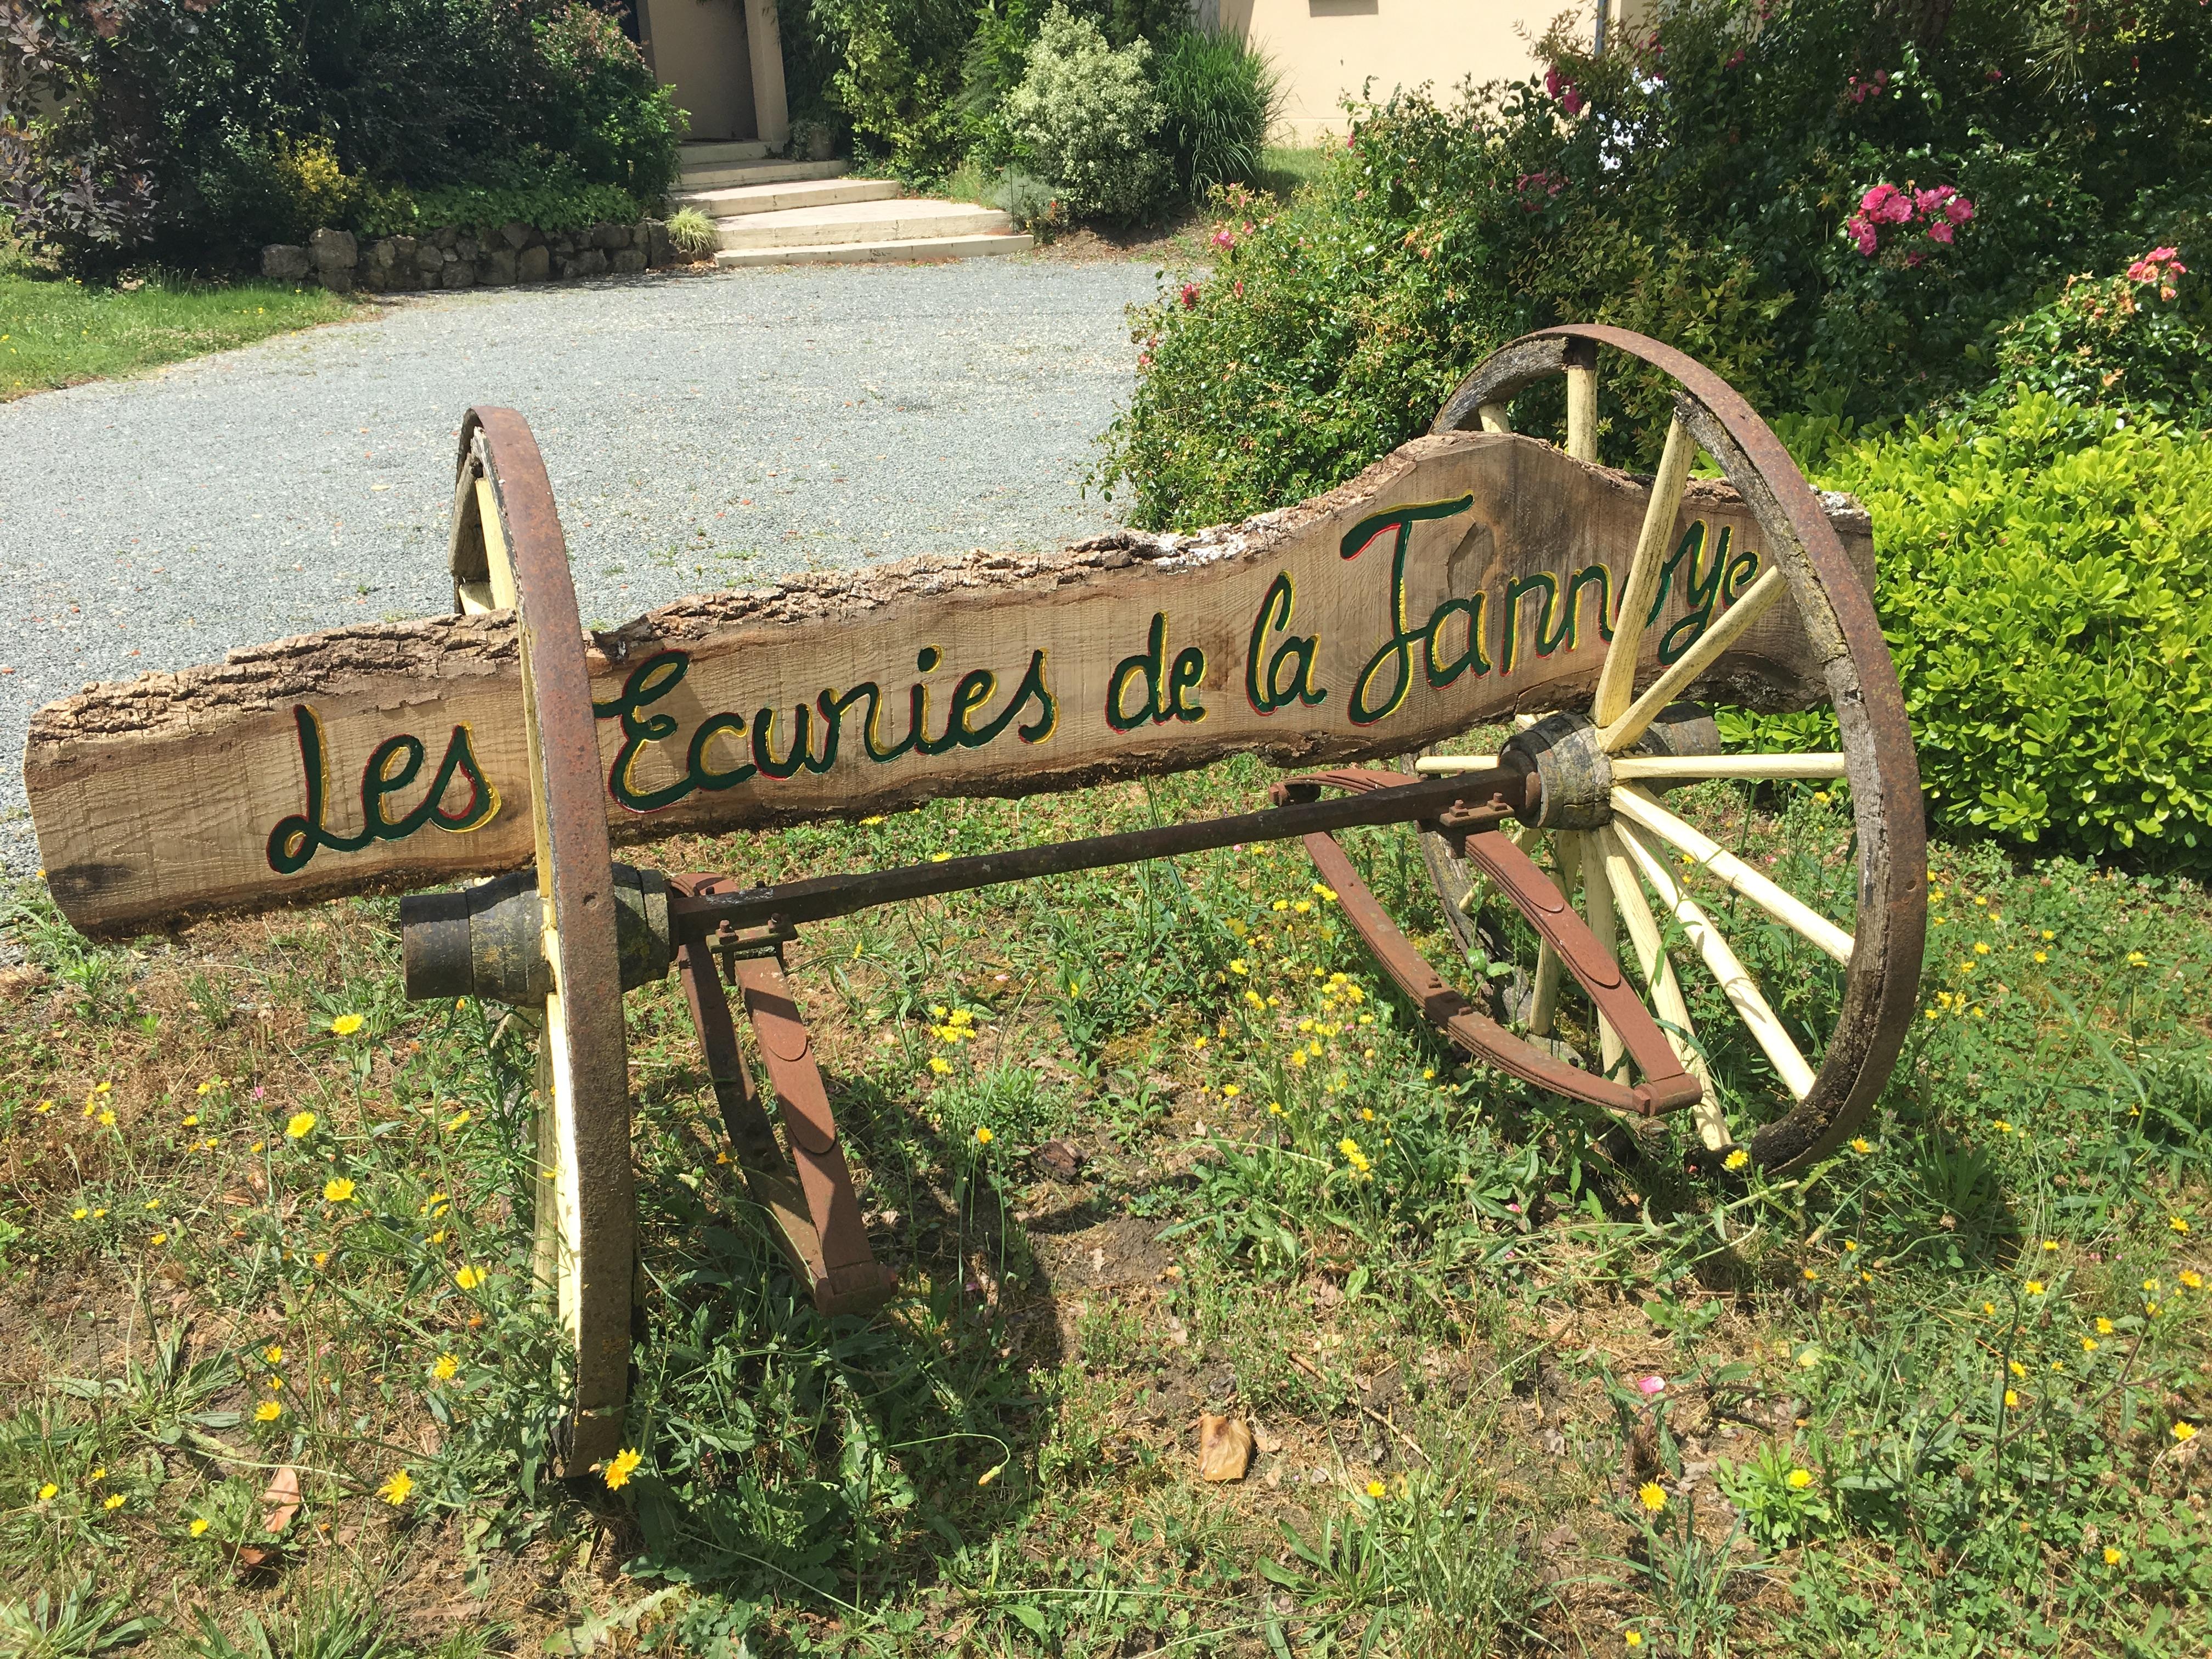 Voici l'entrée de l'Écurie de la Jannoye, écurie située près de Bordeaux.